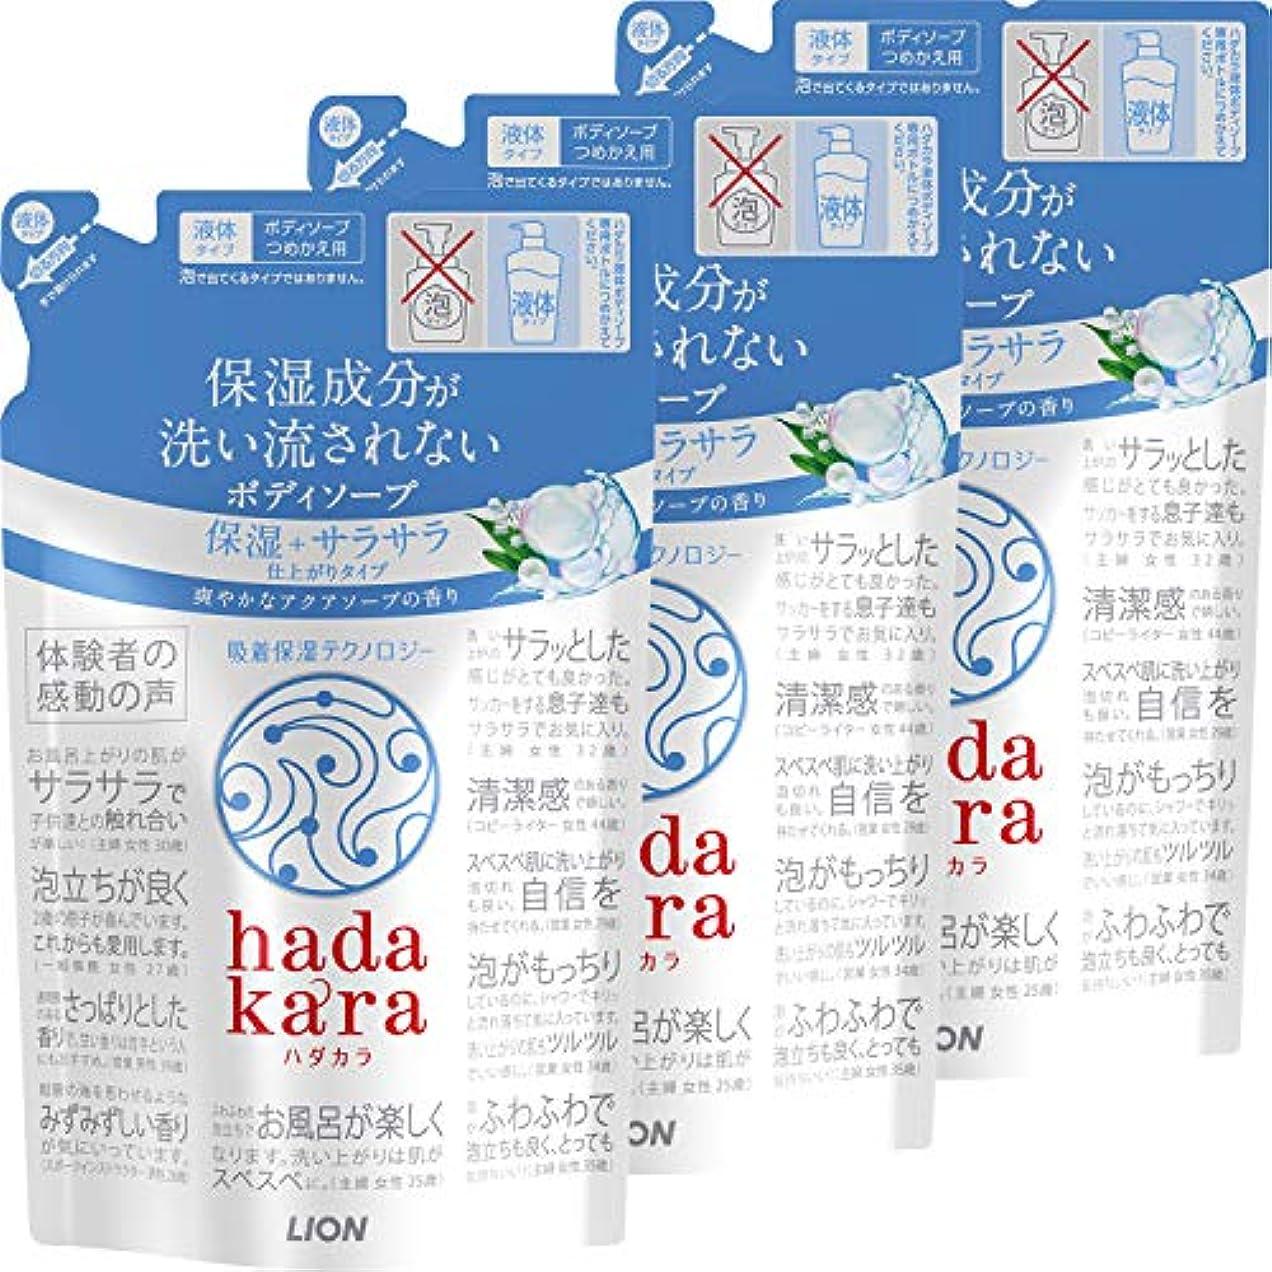 悔い改める専門用語聖職者hadakara(ハダカラ) ボディソープ 保湿+サラサラ仕上がりタイプ アクアソープの香り つめかえ340ml×3個 アクアソープ(保湿+サラサラ仕上がり) 詰替え用